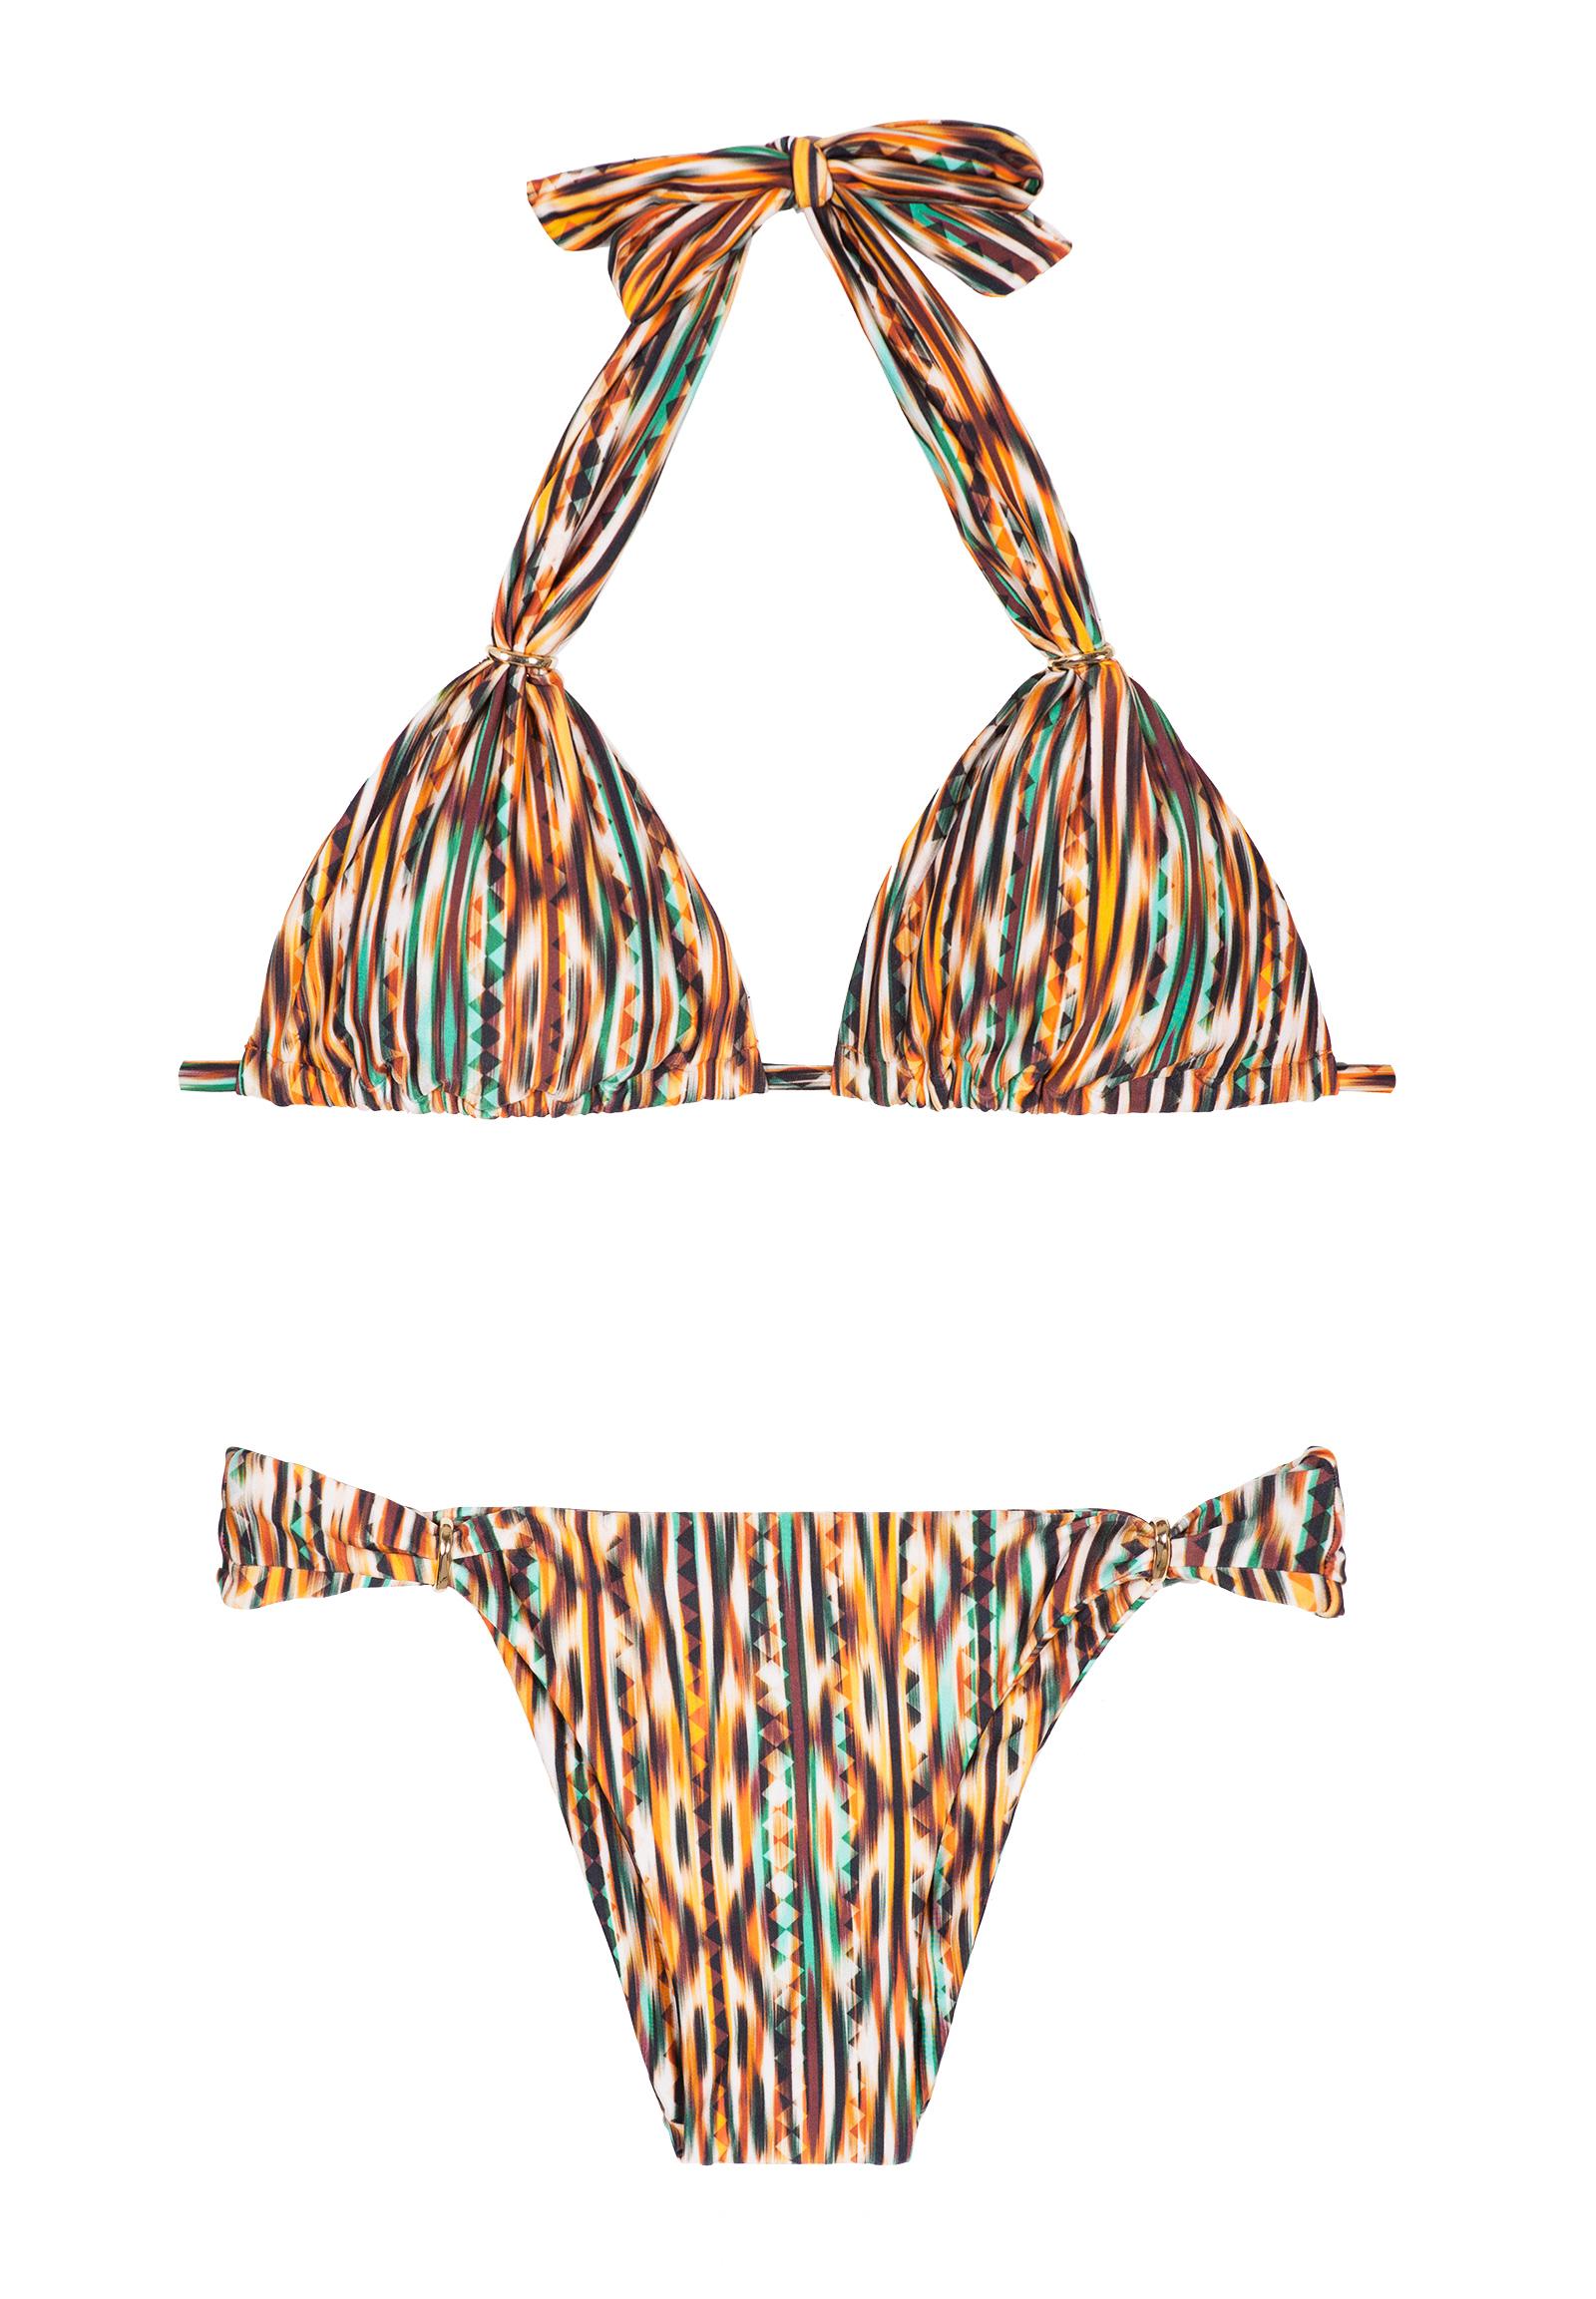 Adjustable Triángulo Forma Y Anillas Thay Halter Con Doradas Ajustable Bikini Estampado Étnico y0NPn8wmOv